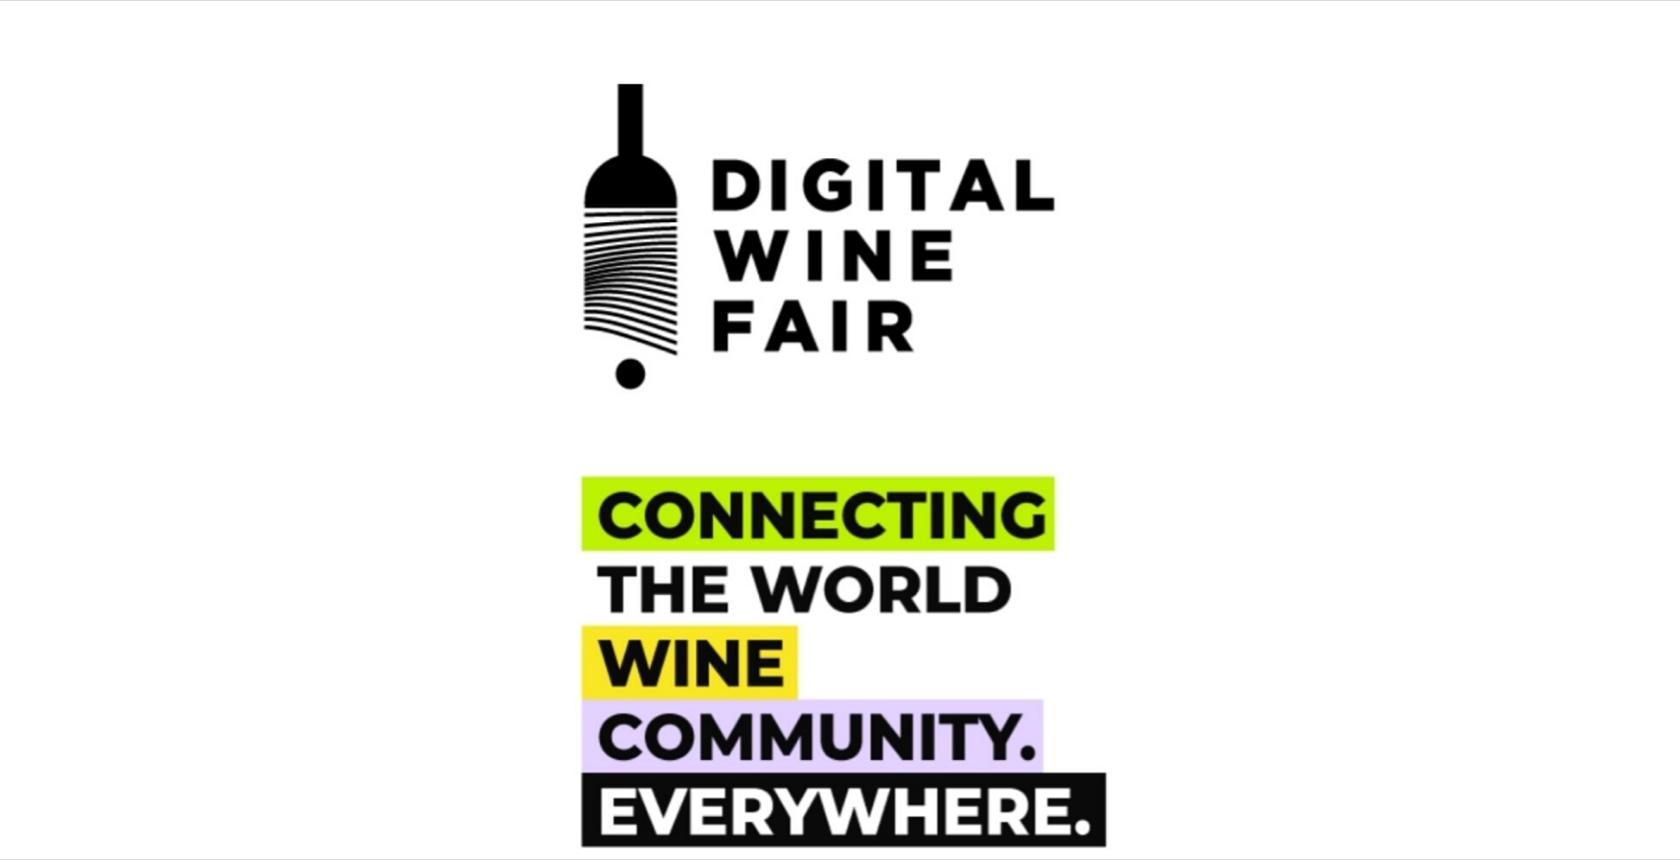 Milano Wine Week 2020 Digital Wine Fair